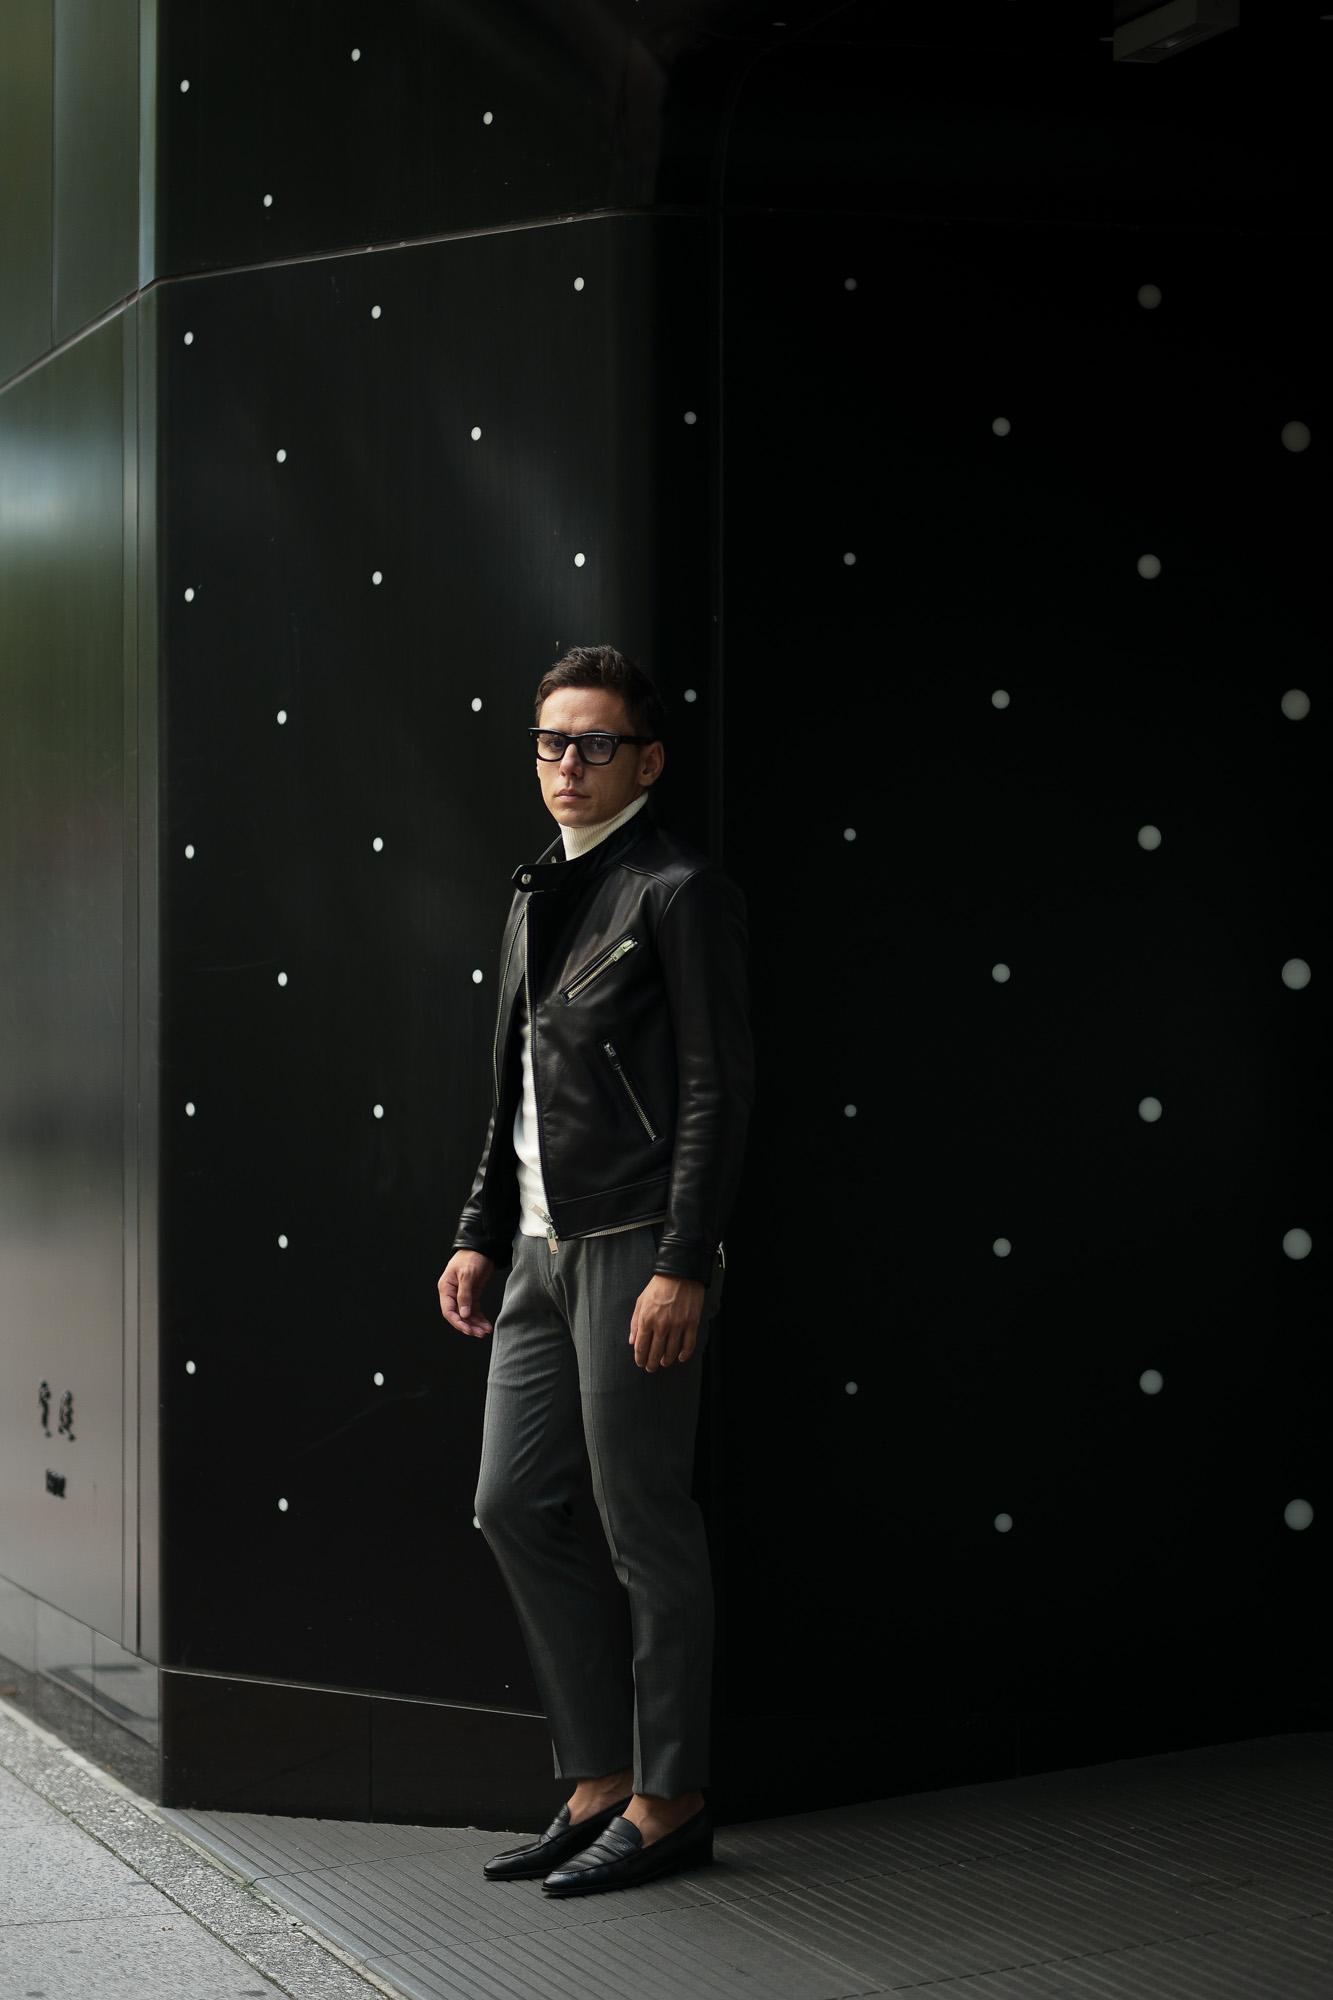 FIXER(フィクサー) F1(エフワン) DOUBLE RIDERS Cow Leather ダブルライダース ジャケット BLACK(ブラック) 【ご予約受付中】【2019.10.19(Sat)~2019.11.3(Sun)】愛知 名古屋 altoediritto アルトエデリット